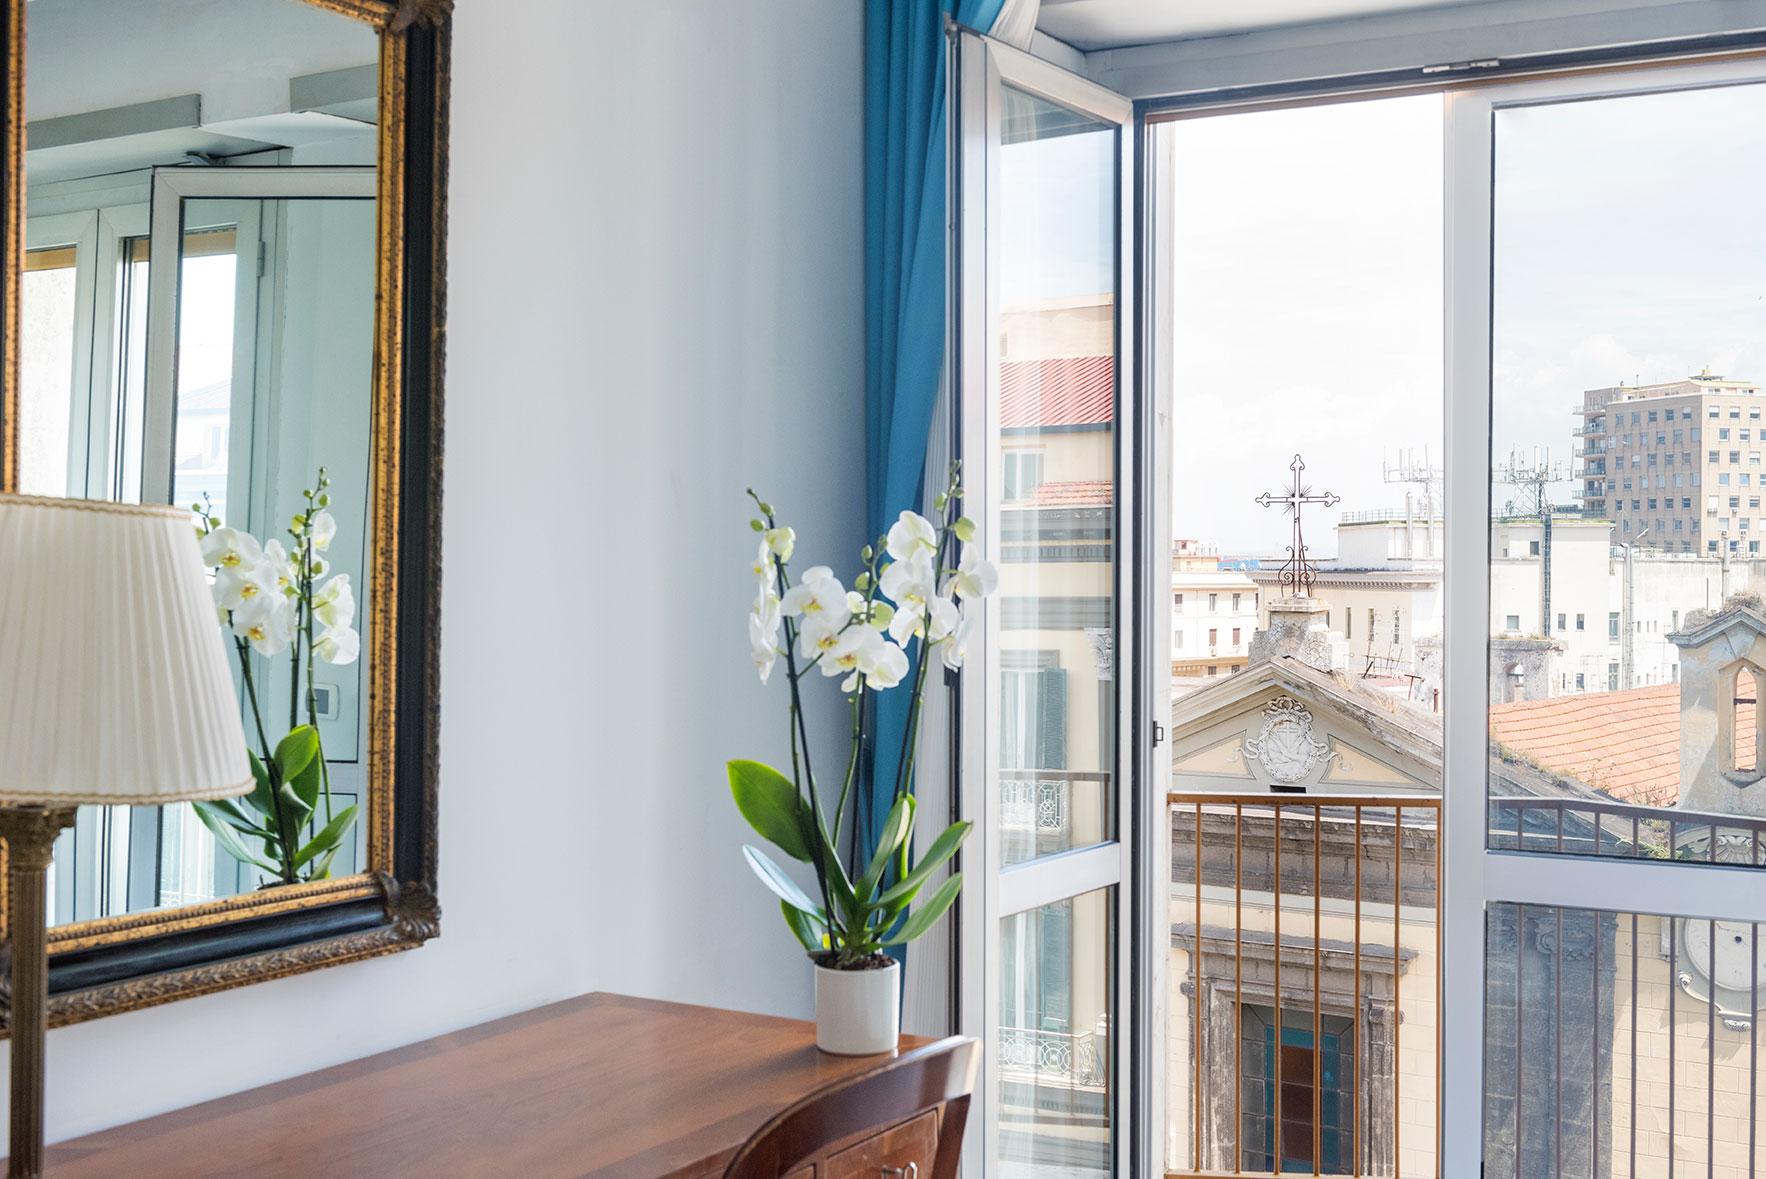 camere-classic-fiorentini-residence-napoli-5